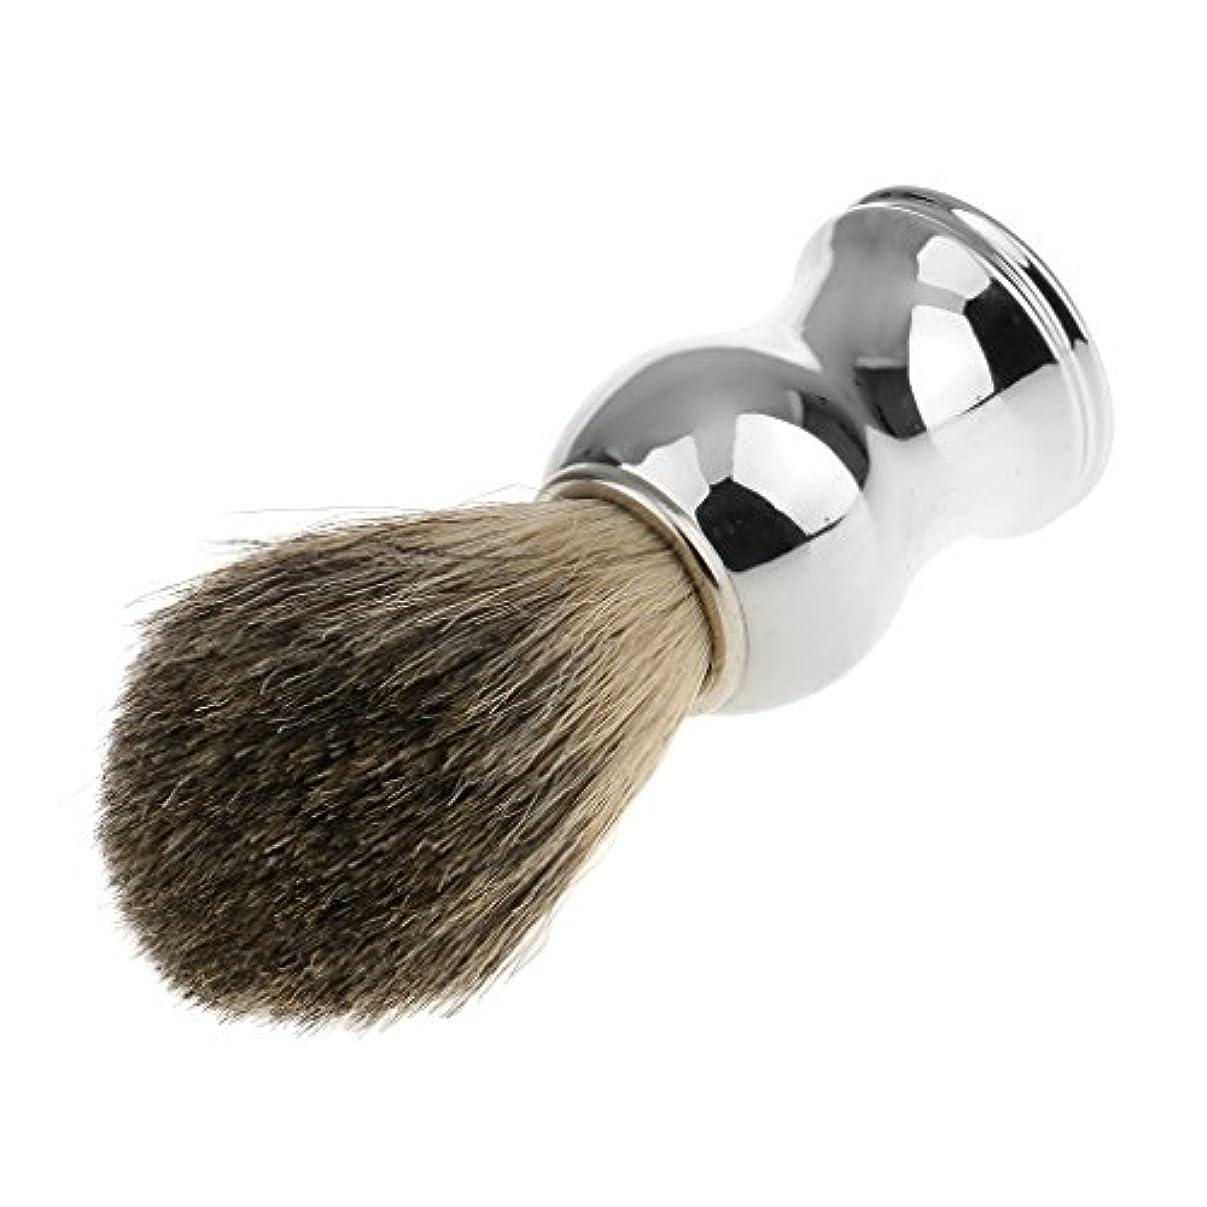 東部照らすパンサーPerfk 人工毛 シェービングブラシ 柔らかい 理容  洗顔  髭剃り 便携 乾くやすい 11.2cm 全2色 - シルバーハンドル